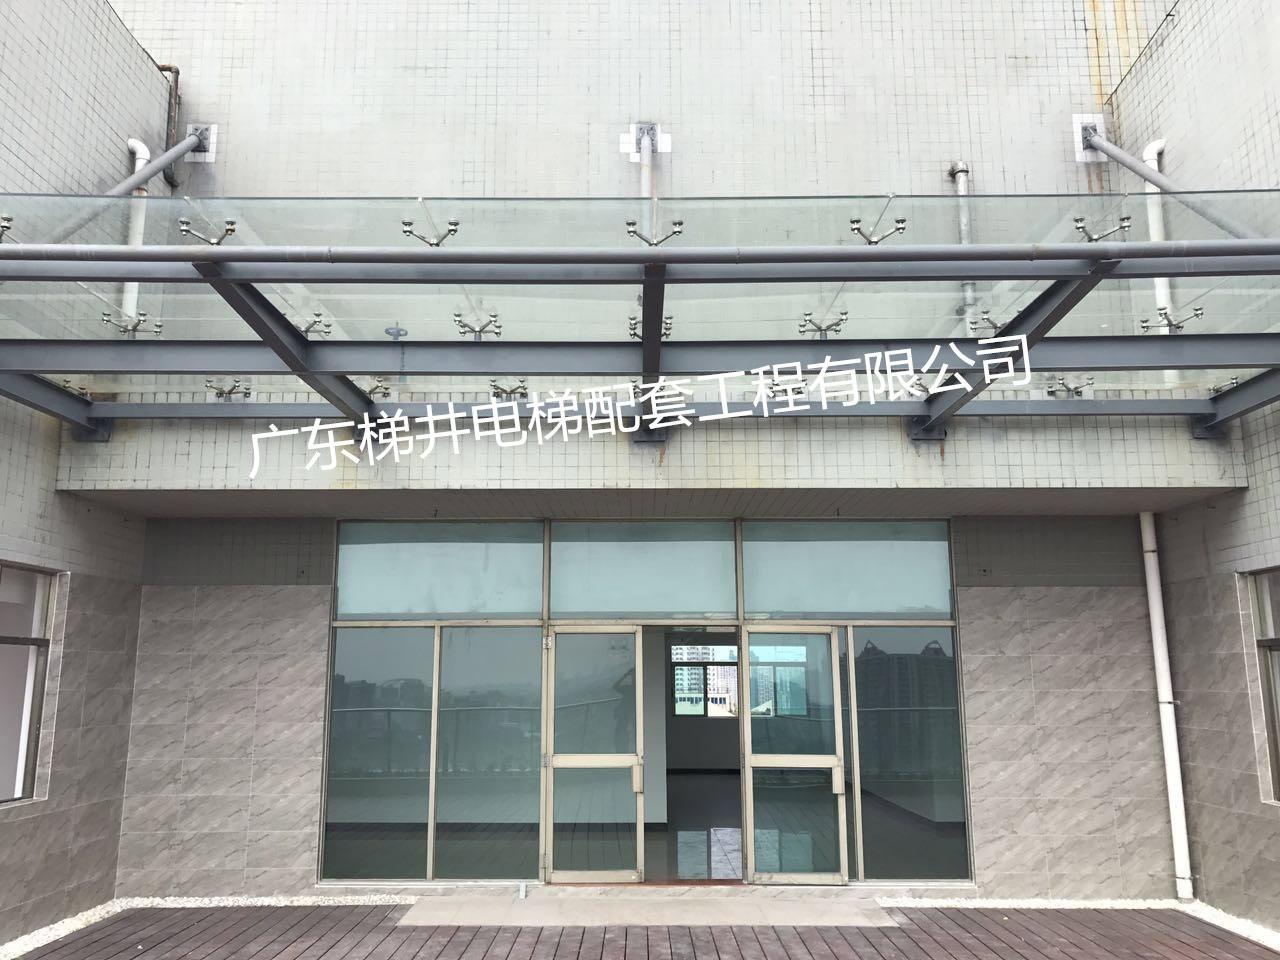 钢结构玻璃雨棚生产 钢结构玻璃雨棚行情价格